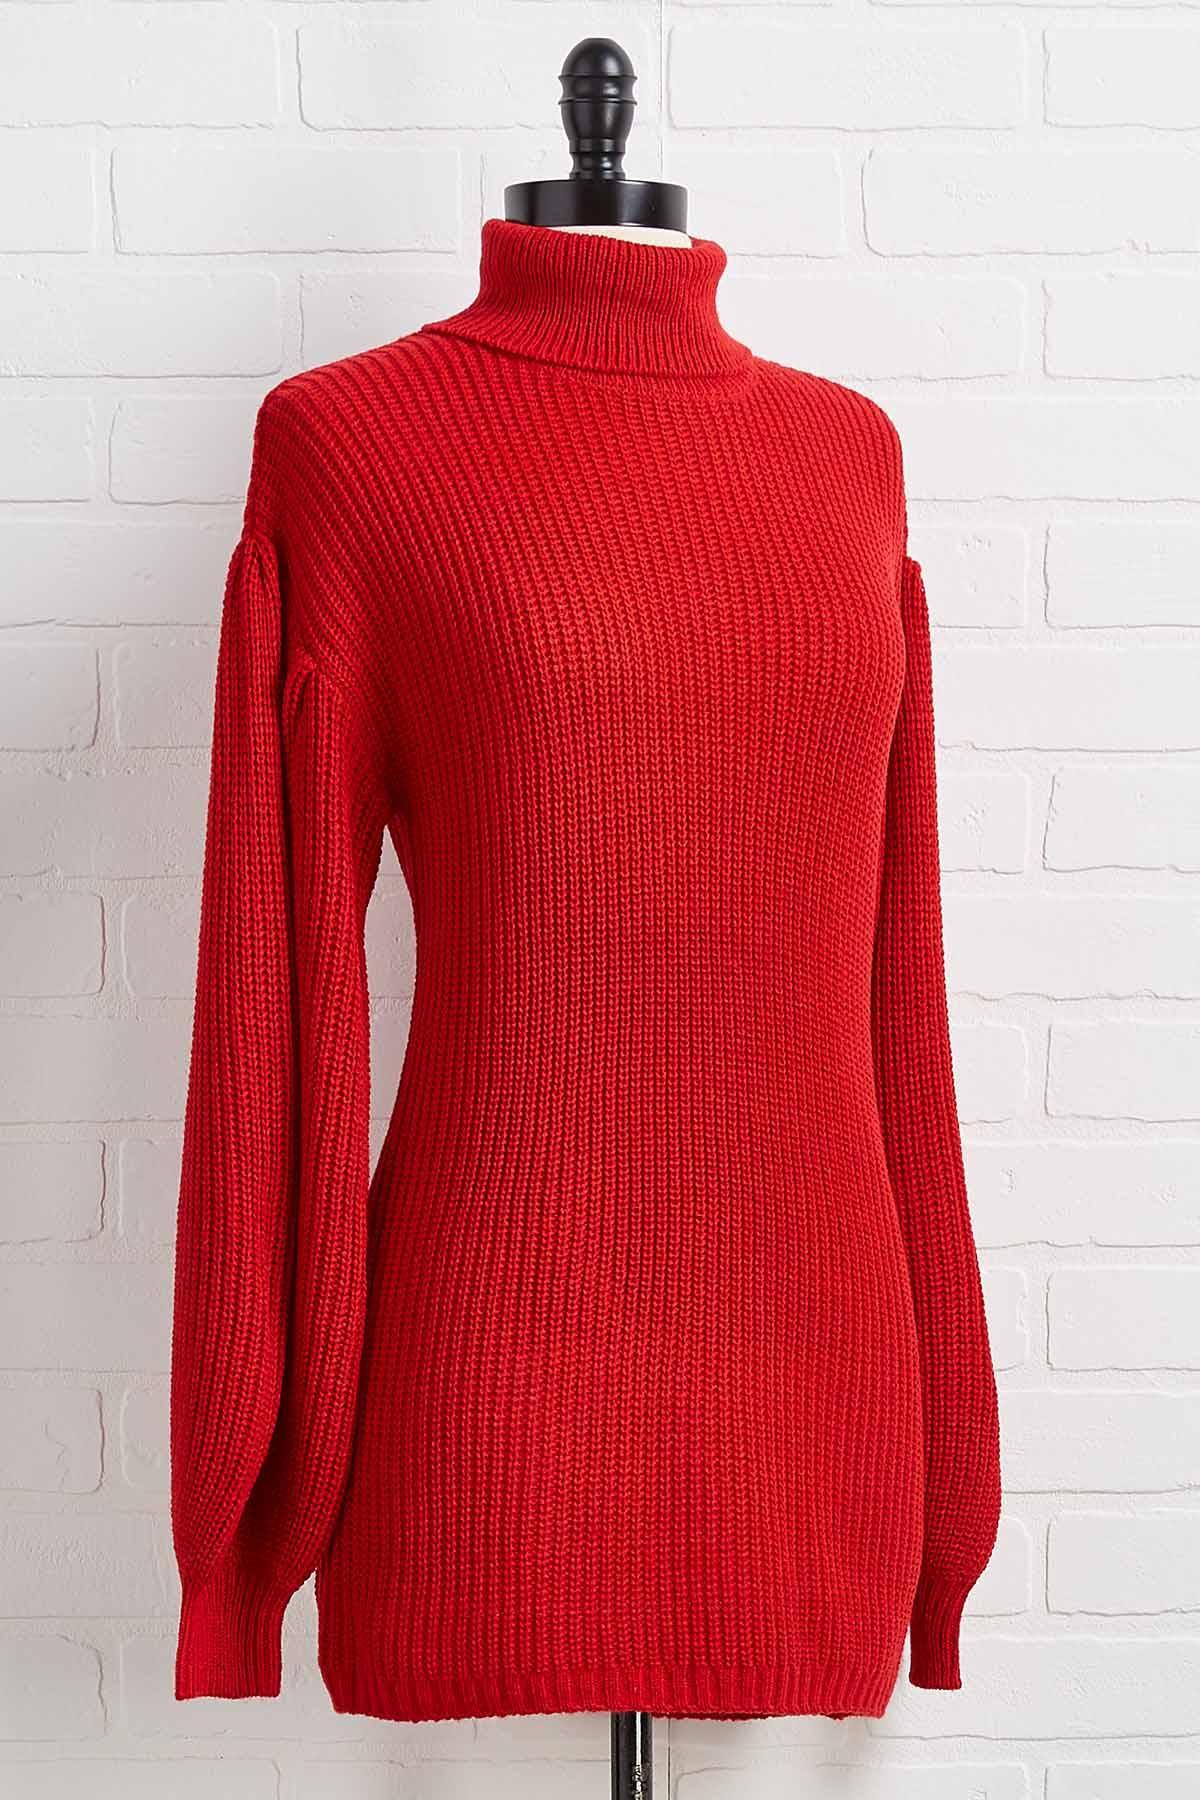 Cherry Cozy Turtleneck Sweater